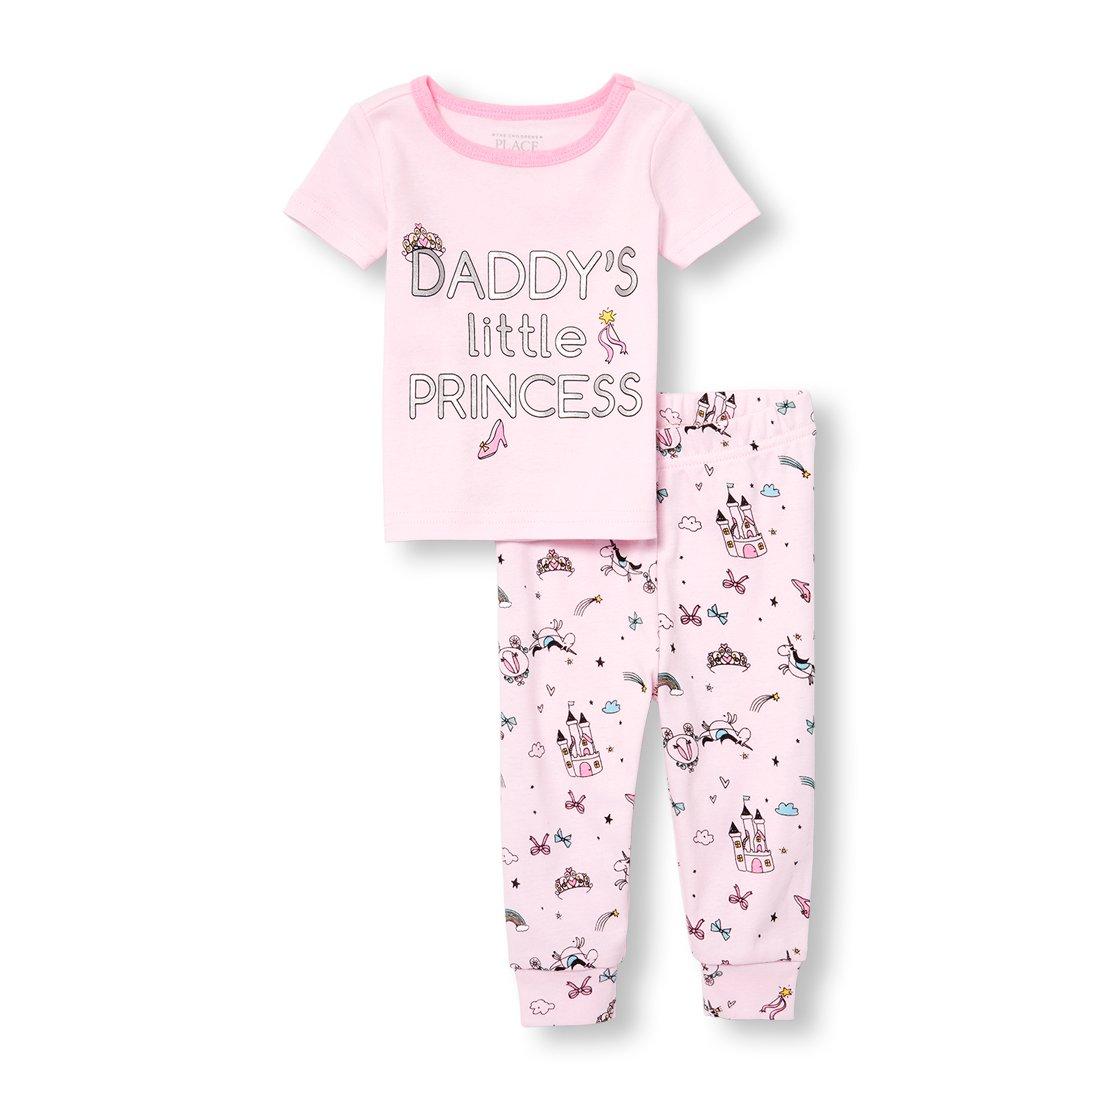 100%の保証 The Pink Children's Place SLEEPWEAR ベビーガールズ 5T Place Pink Admirer B076Y7YSJT B076Y7YSJT, Tom's interior:2b50d48d --- a0267596.xsph.ru